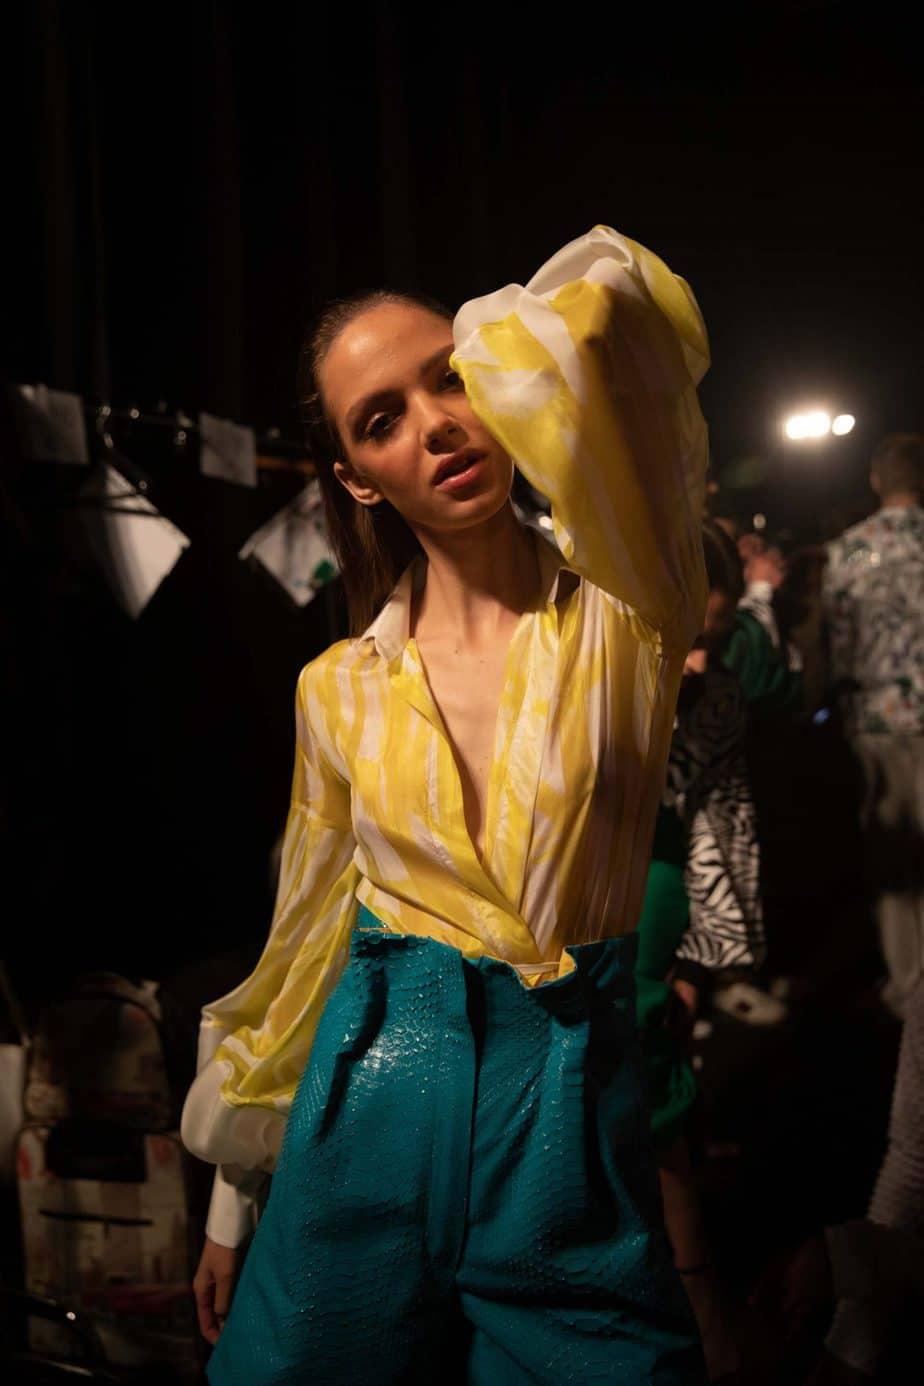 שבוע האופנה תל אביב 2019. צילום עומר קפלן - 6